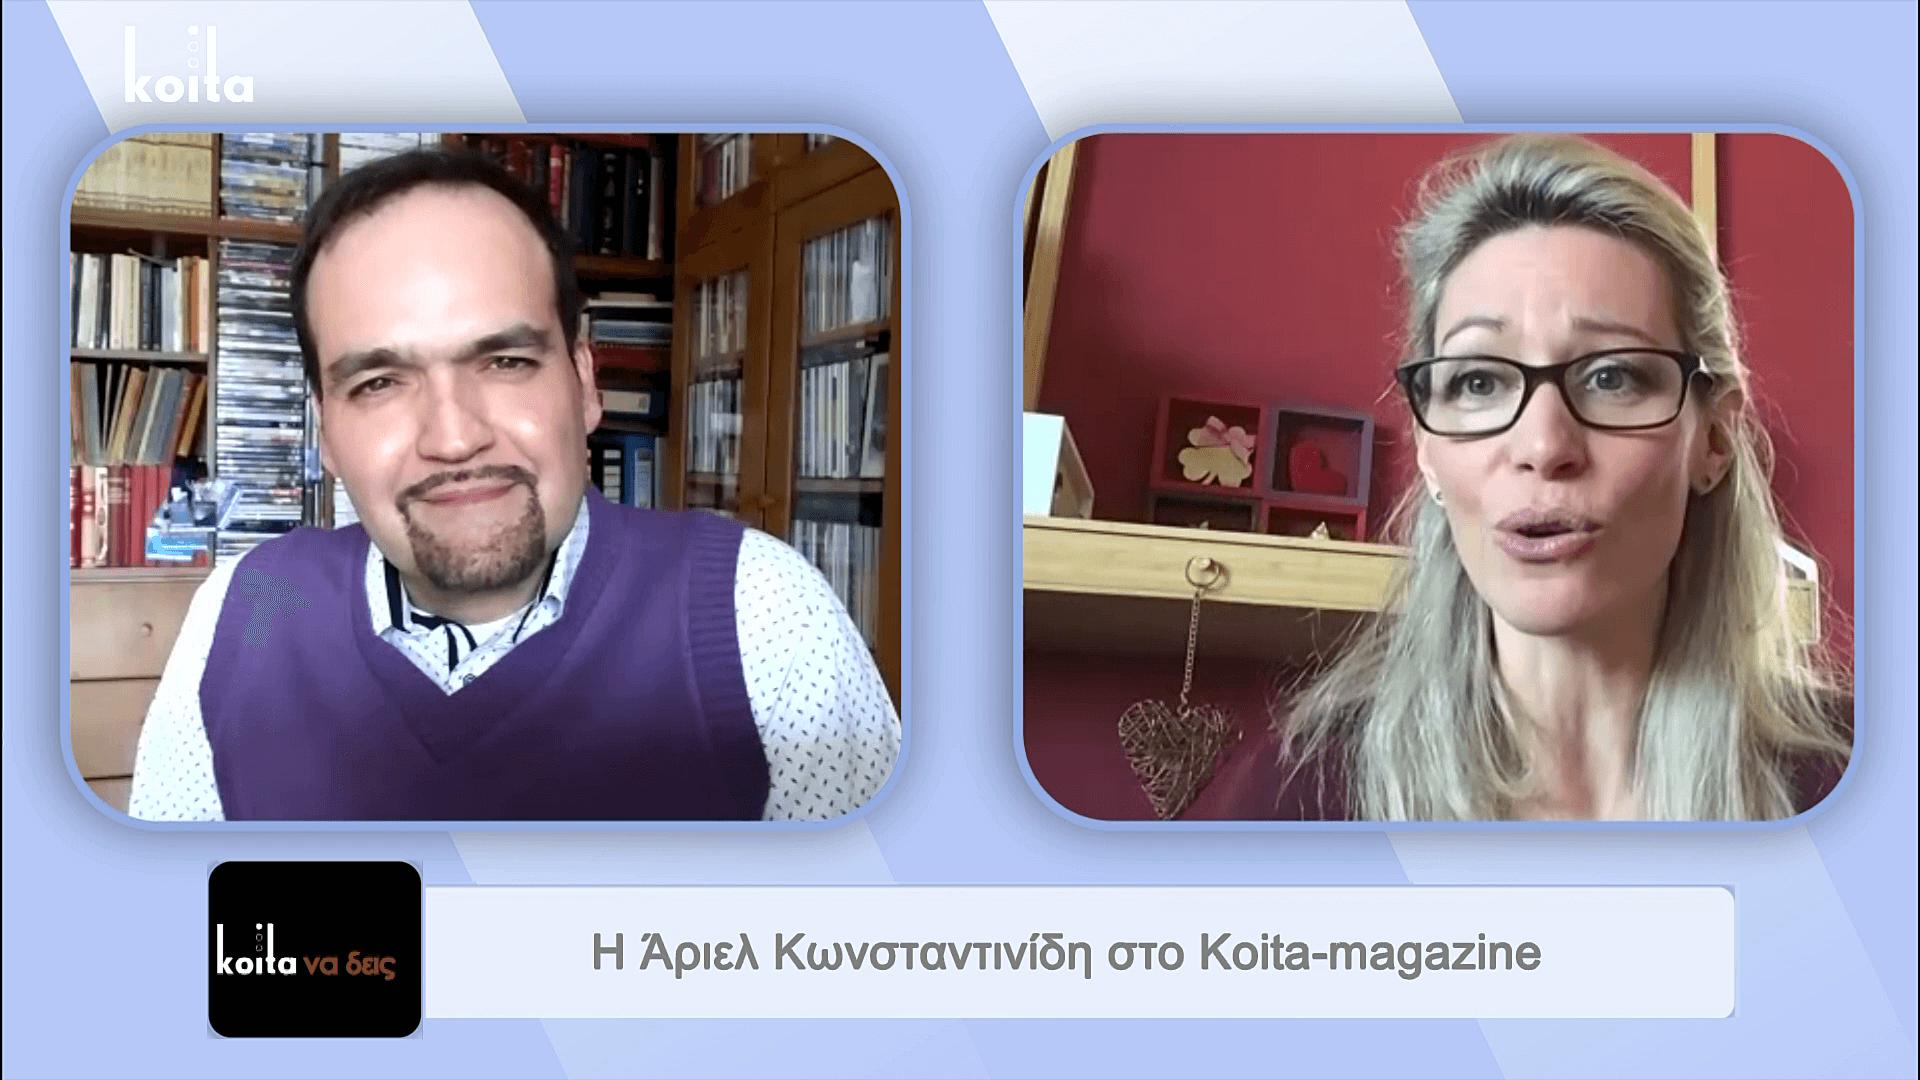 Ξεκινά η ιντερνετική εκπομπή που παρουσιάζει ο Νίκος Κουρού, με πρώτη καλεσμένη την Άριελ Κωνσταντινίδη